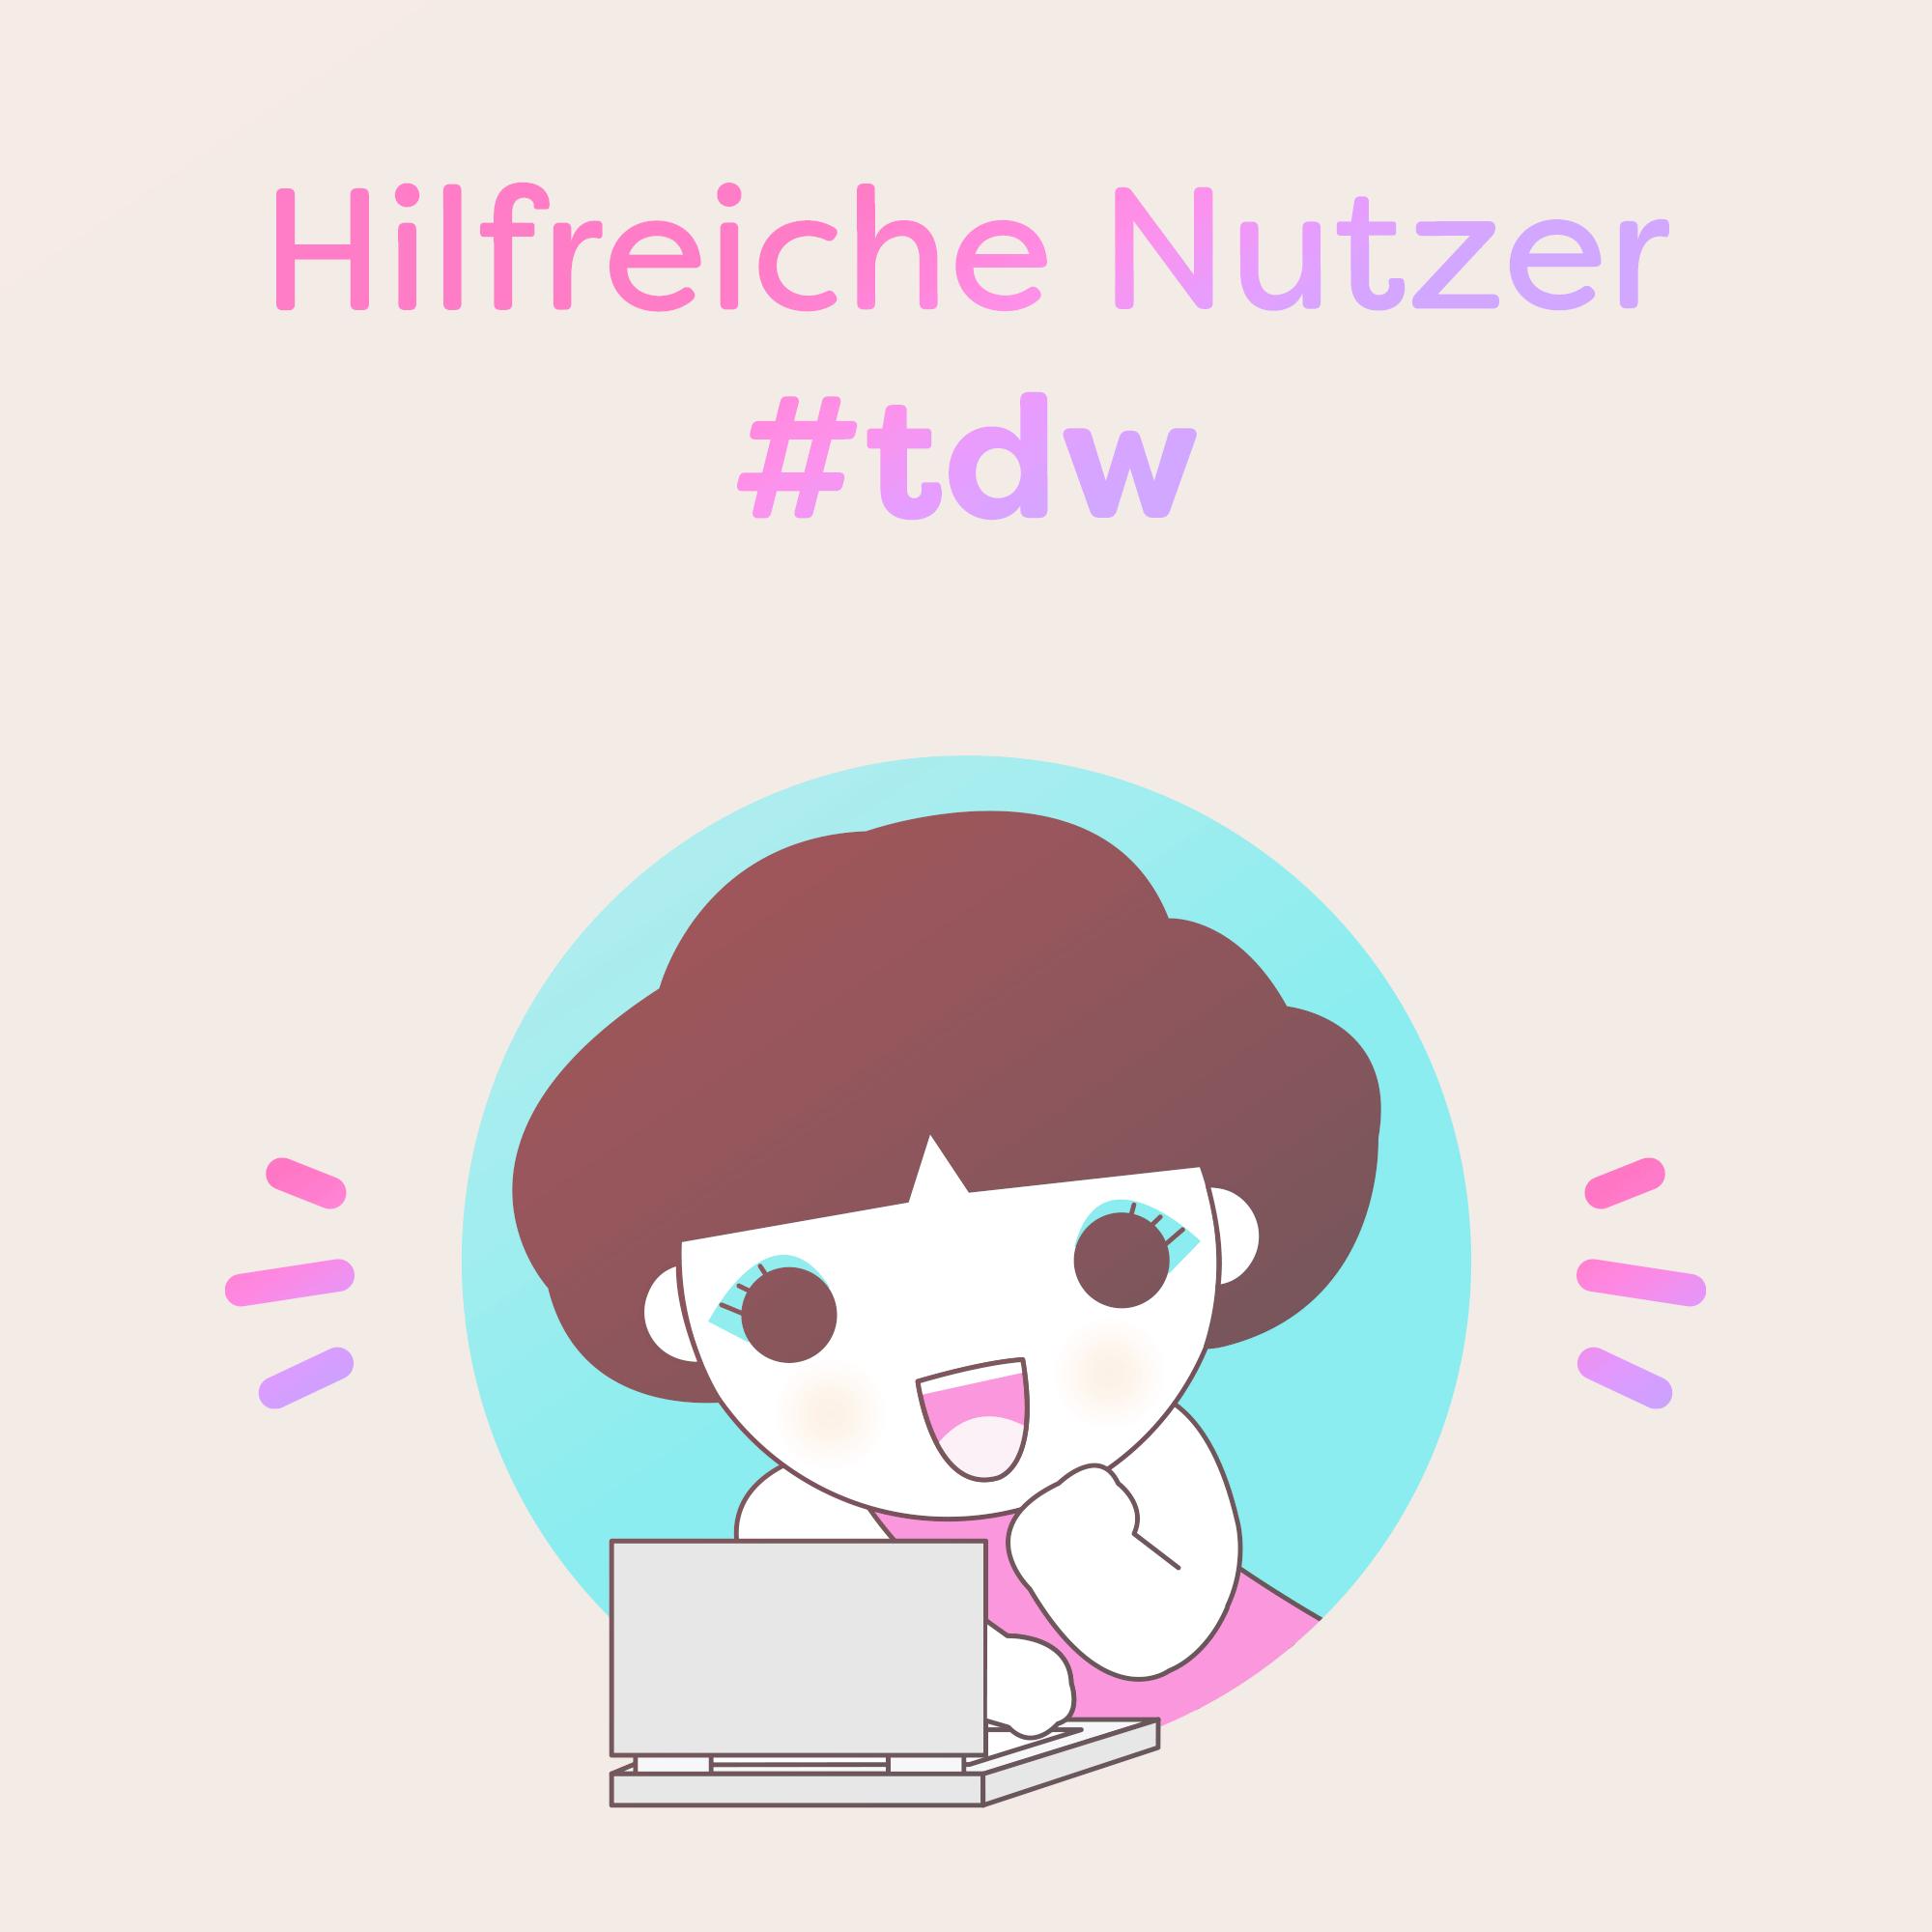 tdw-hilfreicheNutzer.png